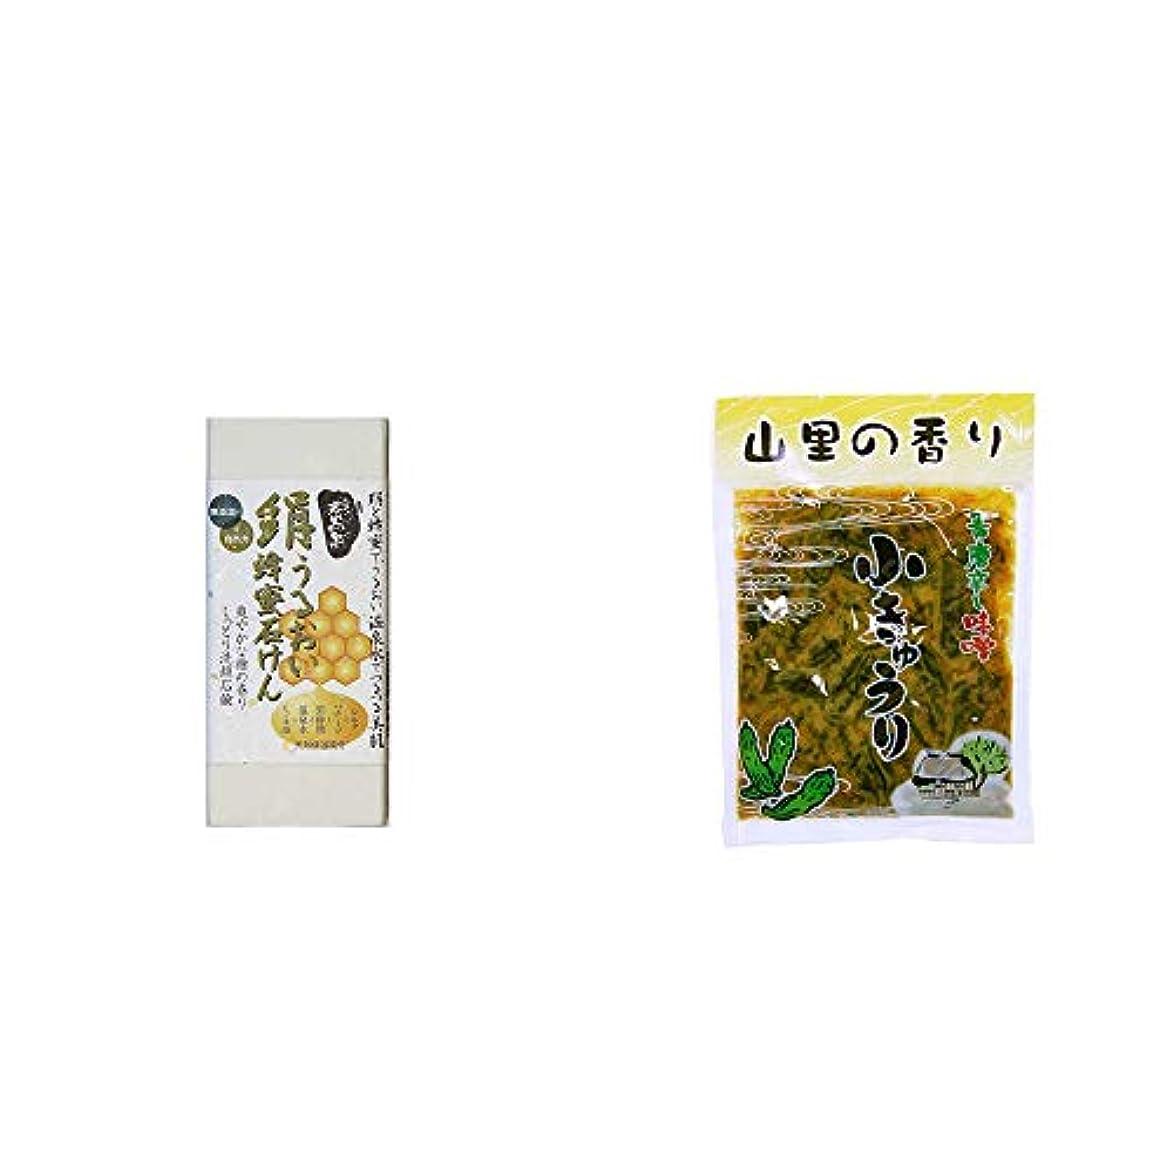 願うアーサー集まる[2点セット] ひのき炭黒泉 絹うるおい蜂蜜石けん(75g×2)?山里の香り 青唐辛し味噌 小きゅうり(250g)